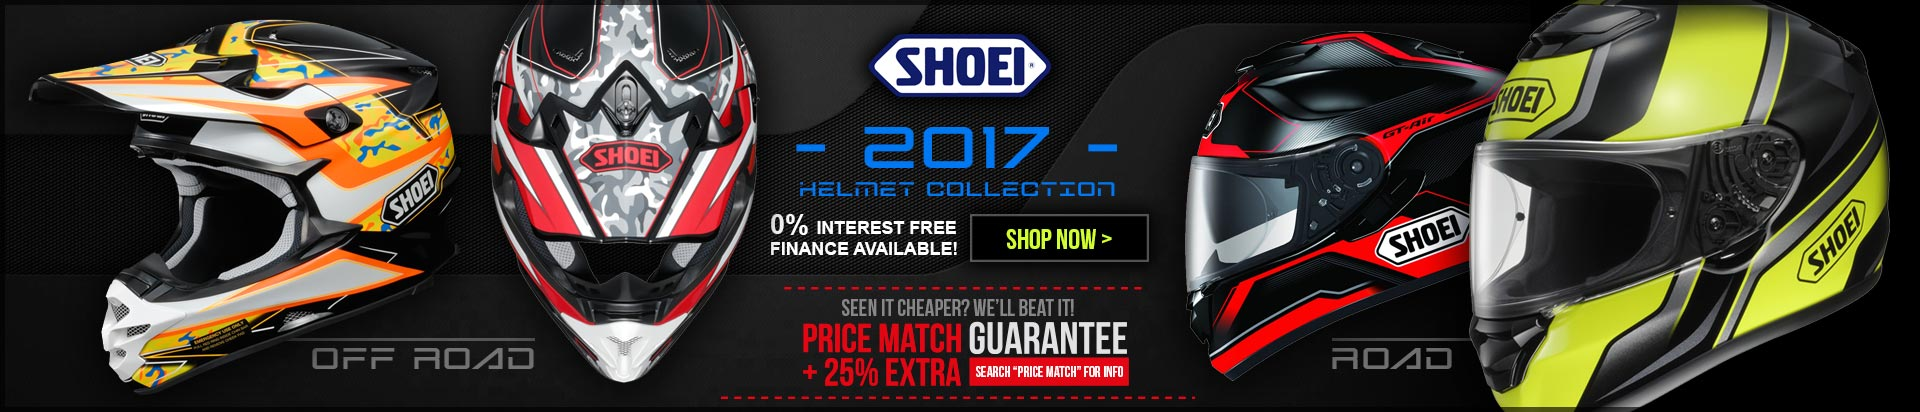 Shoei 2017